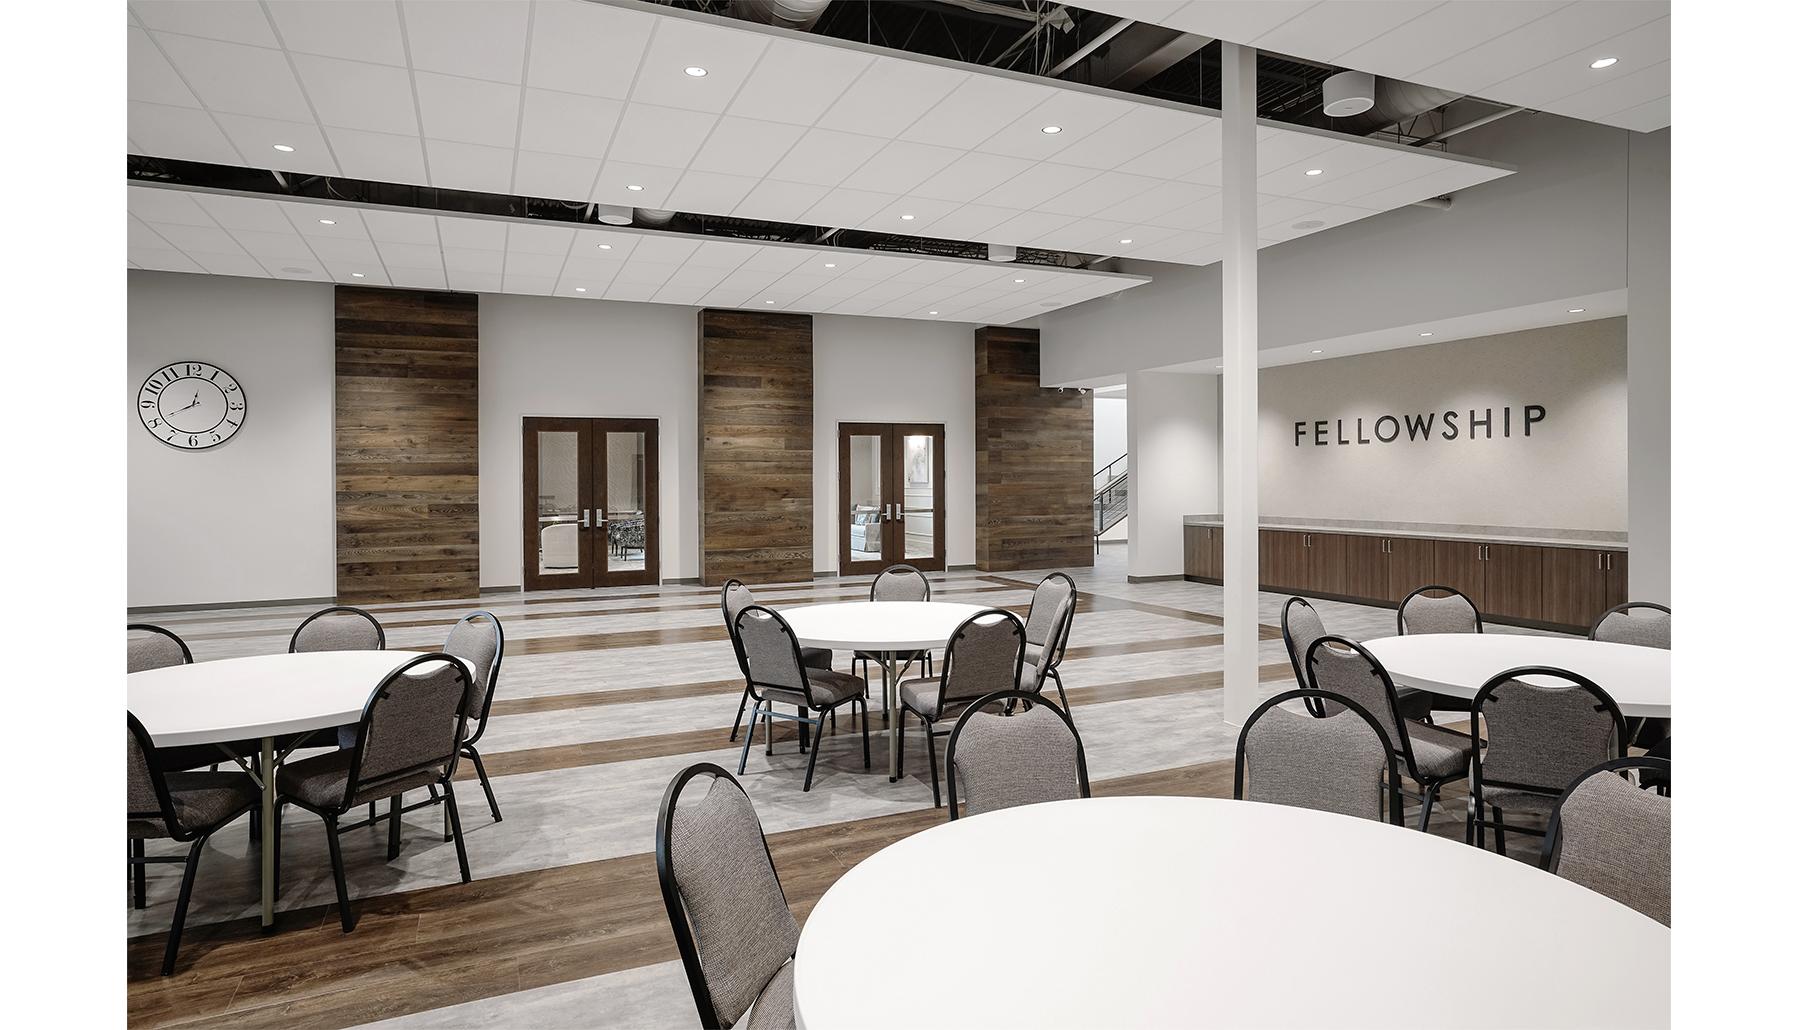 Westside Fellowship Hall